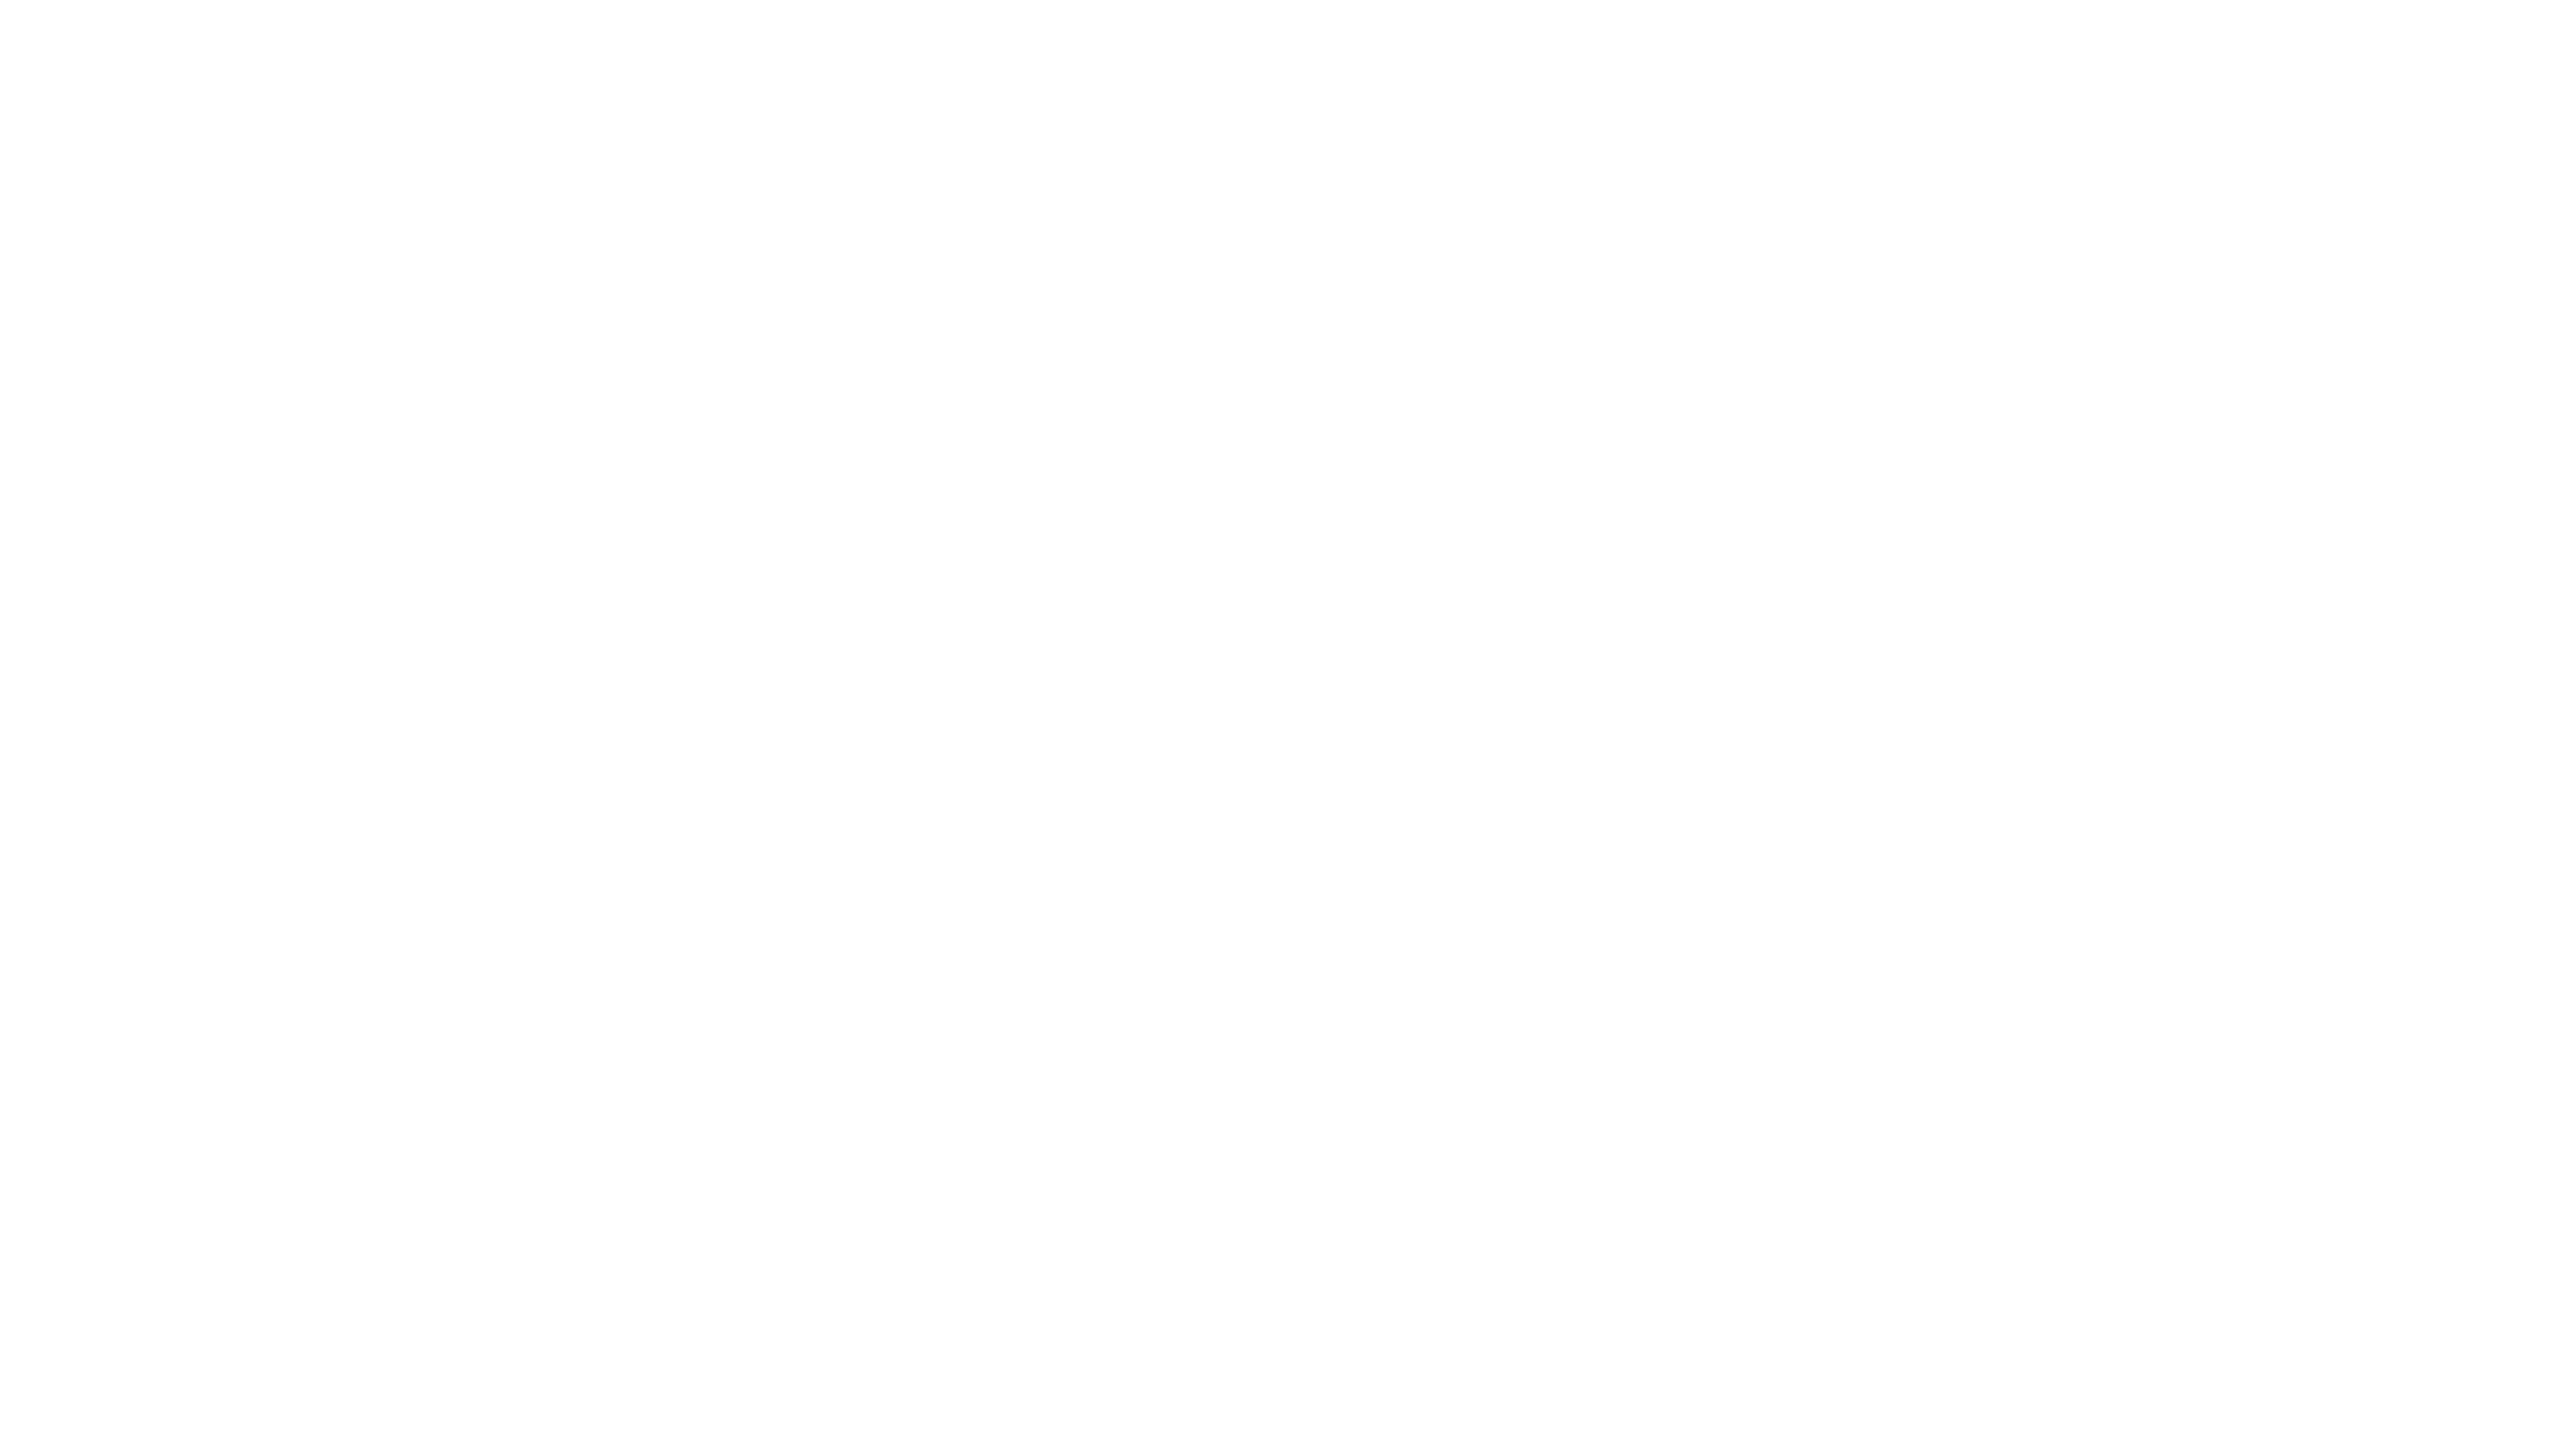 Klicka här för att öppna hemsidan till AR Functional